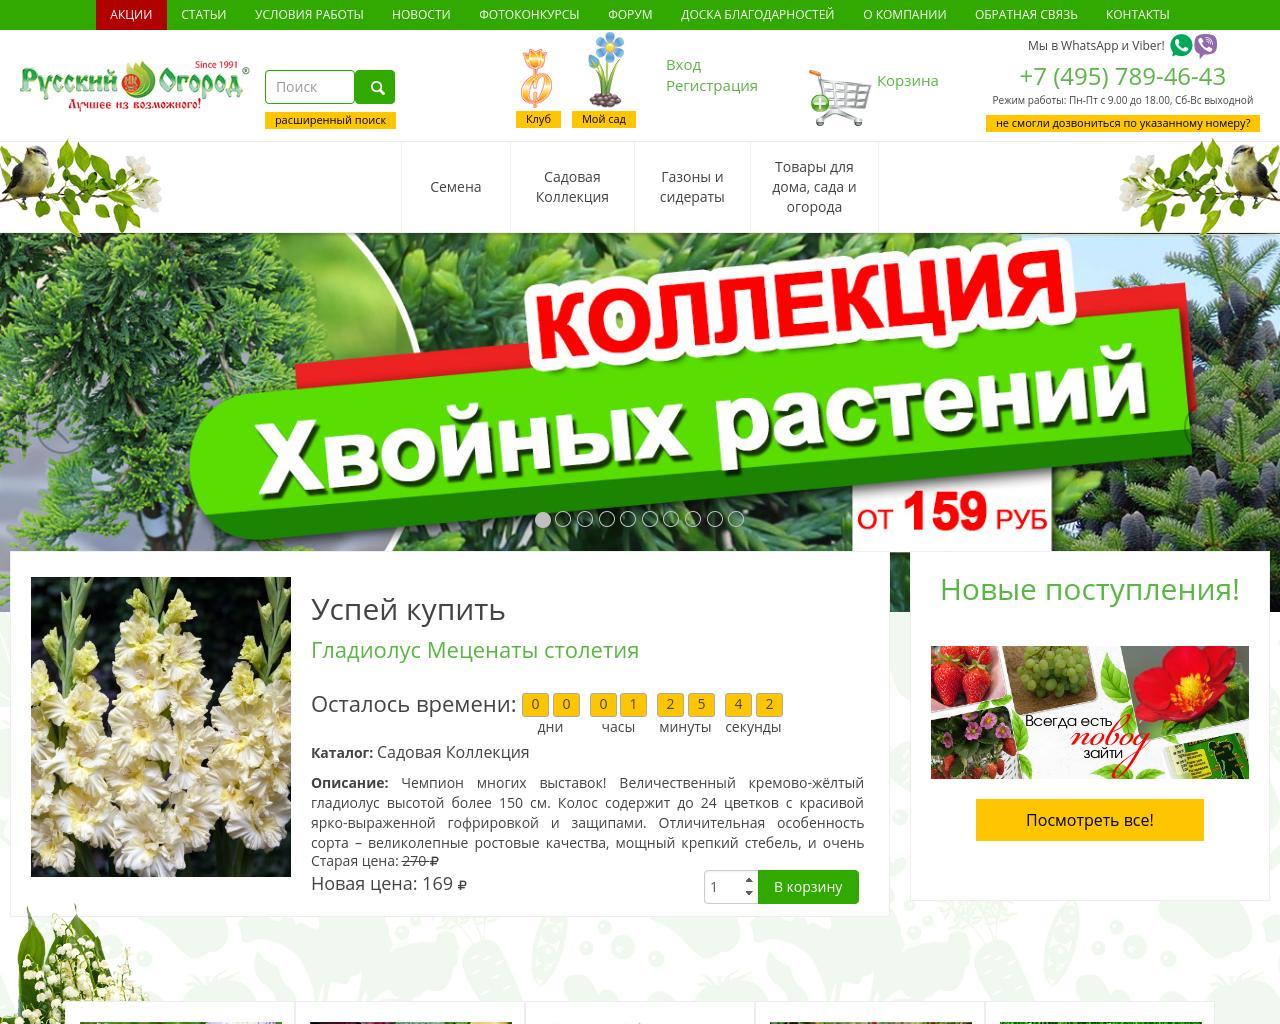 Продажа посадочного материала о компании ценыгалерея контакты ландшафтный дизайн